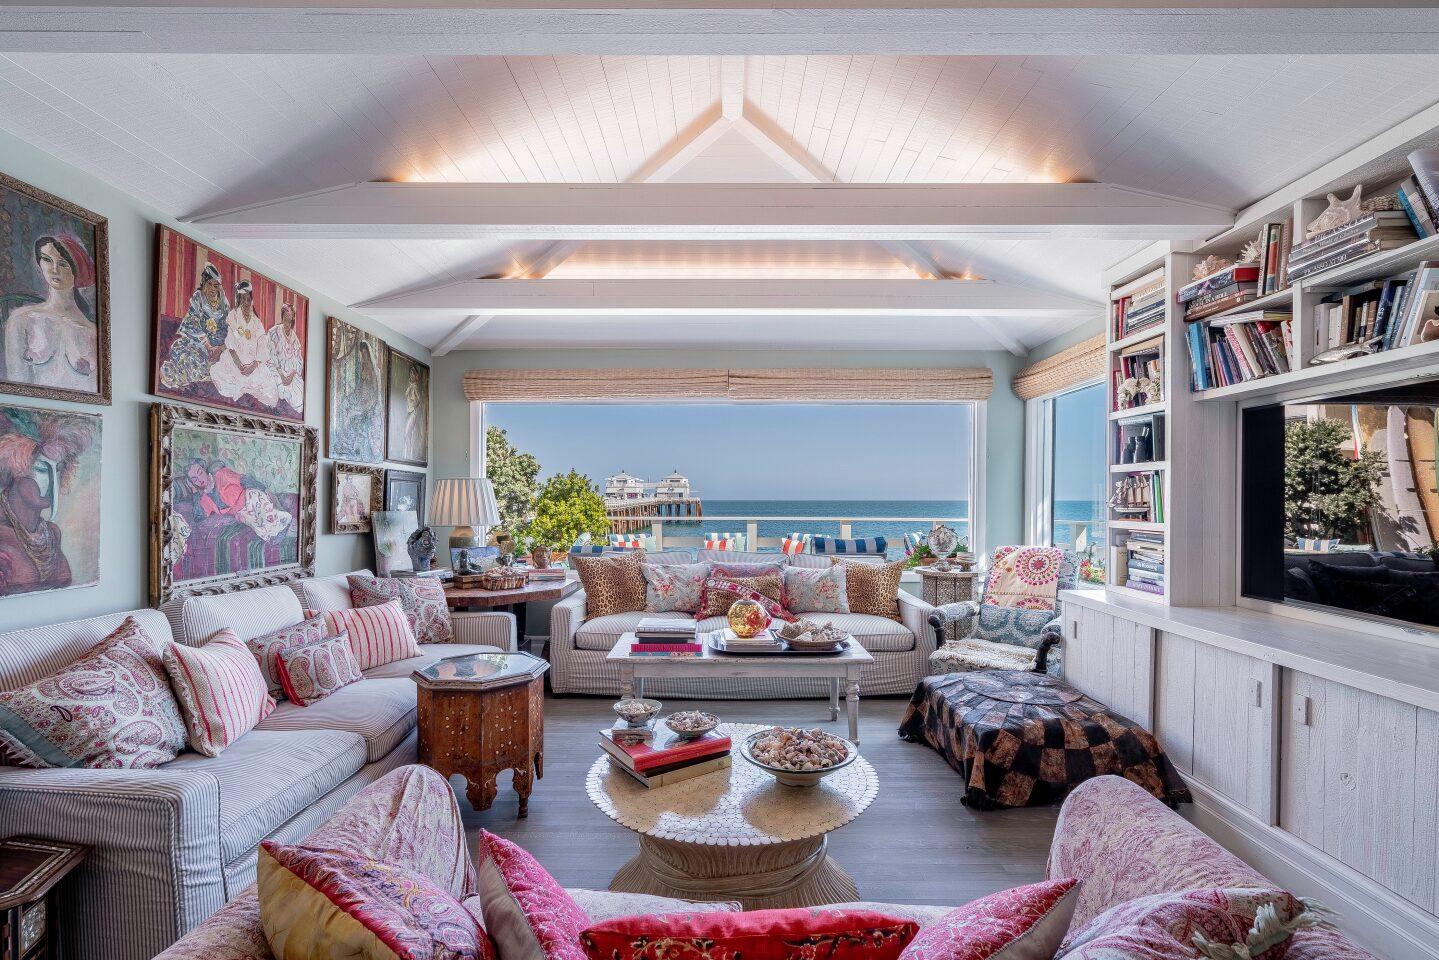 Barbara Billingsley's onetime Malibu home